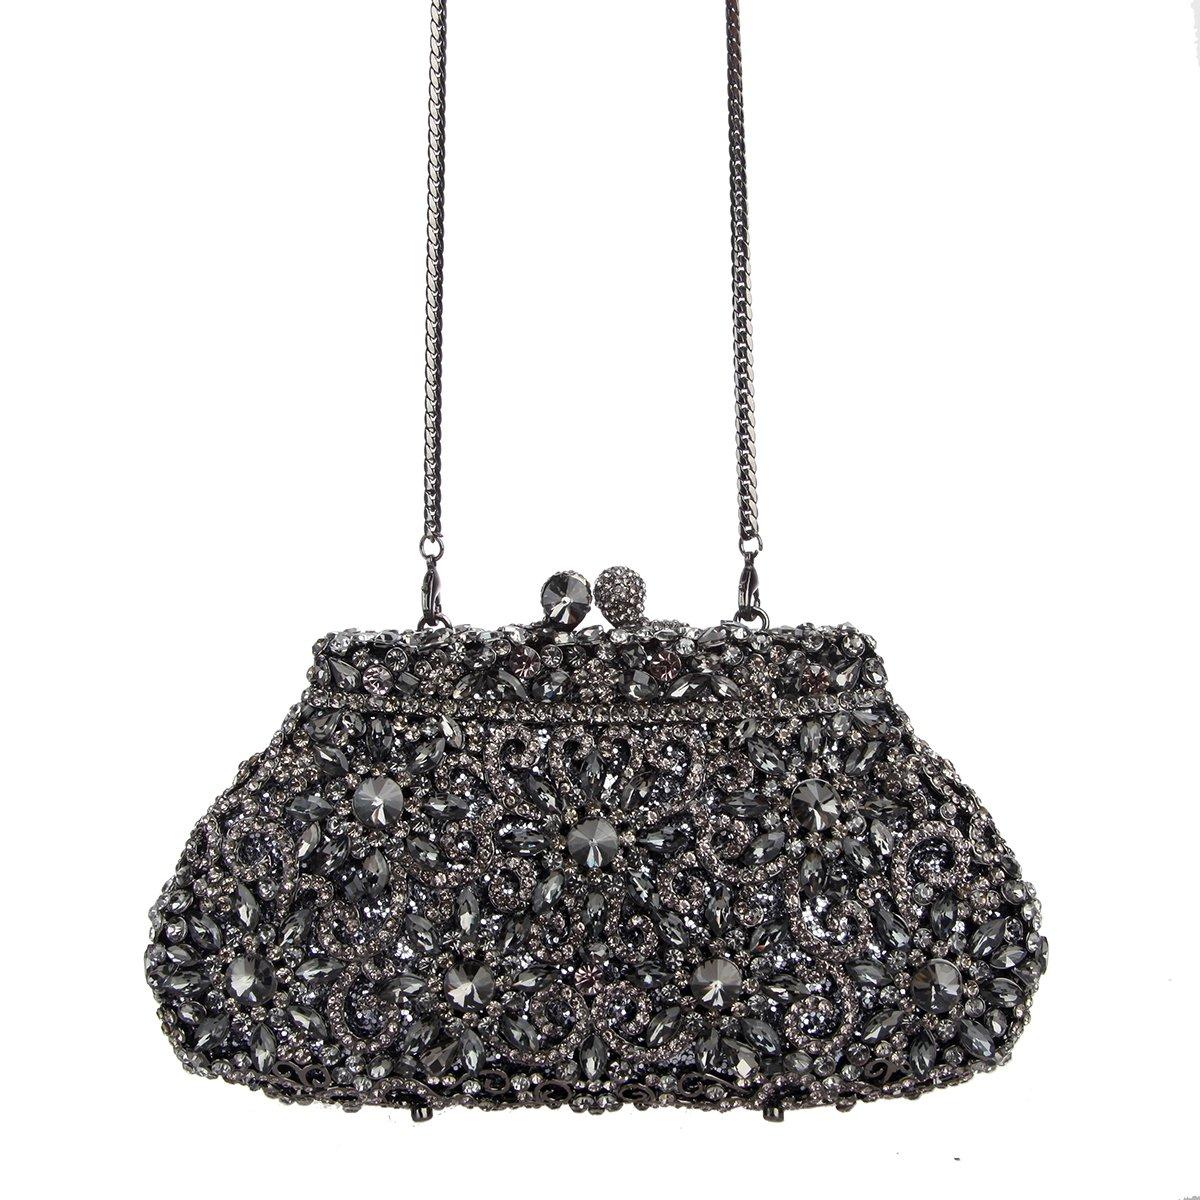 Bag Rhinestone Girls Bonjanvye Studded Sun For Flower Crystal Clutch Yfbv76gy